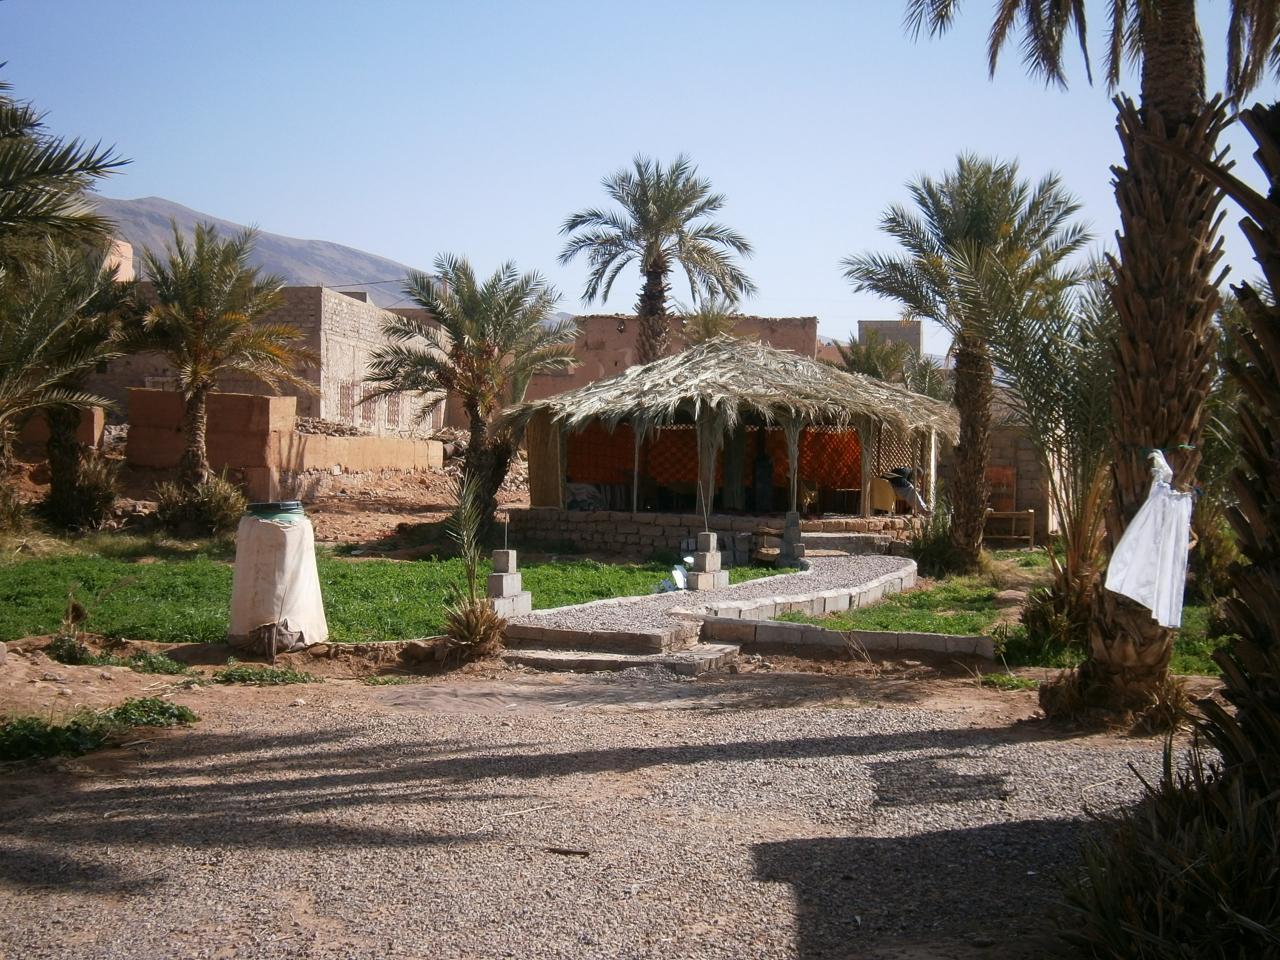 Le camping Khaima Parc